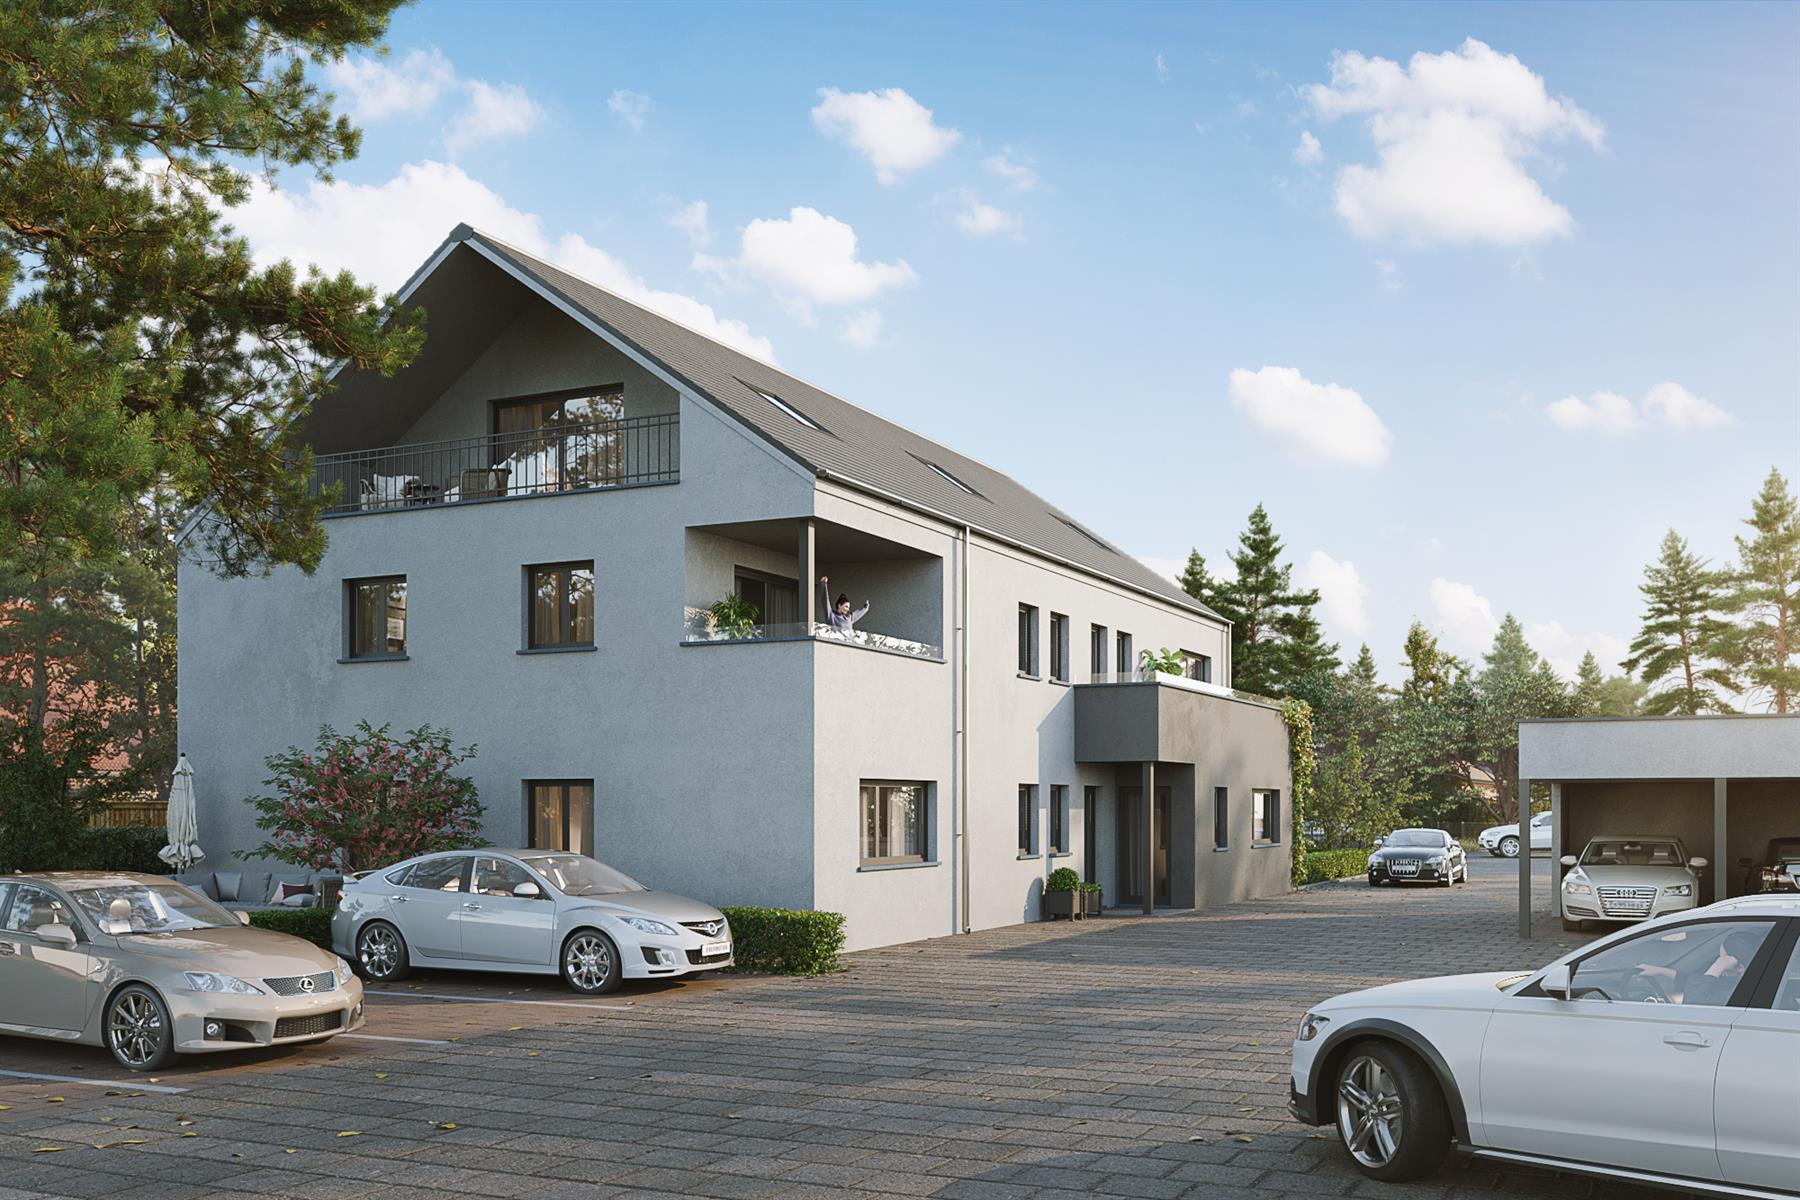 Appartement - Eghezee - #4329556-9